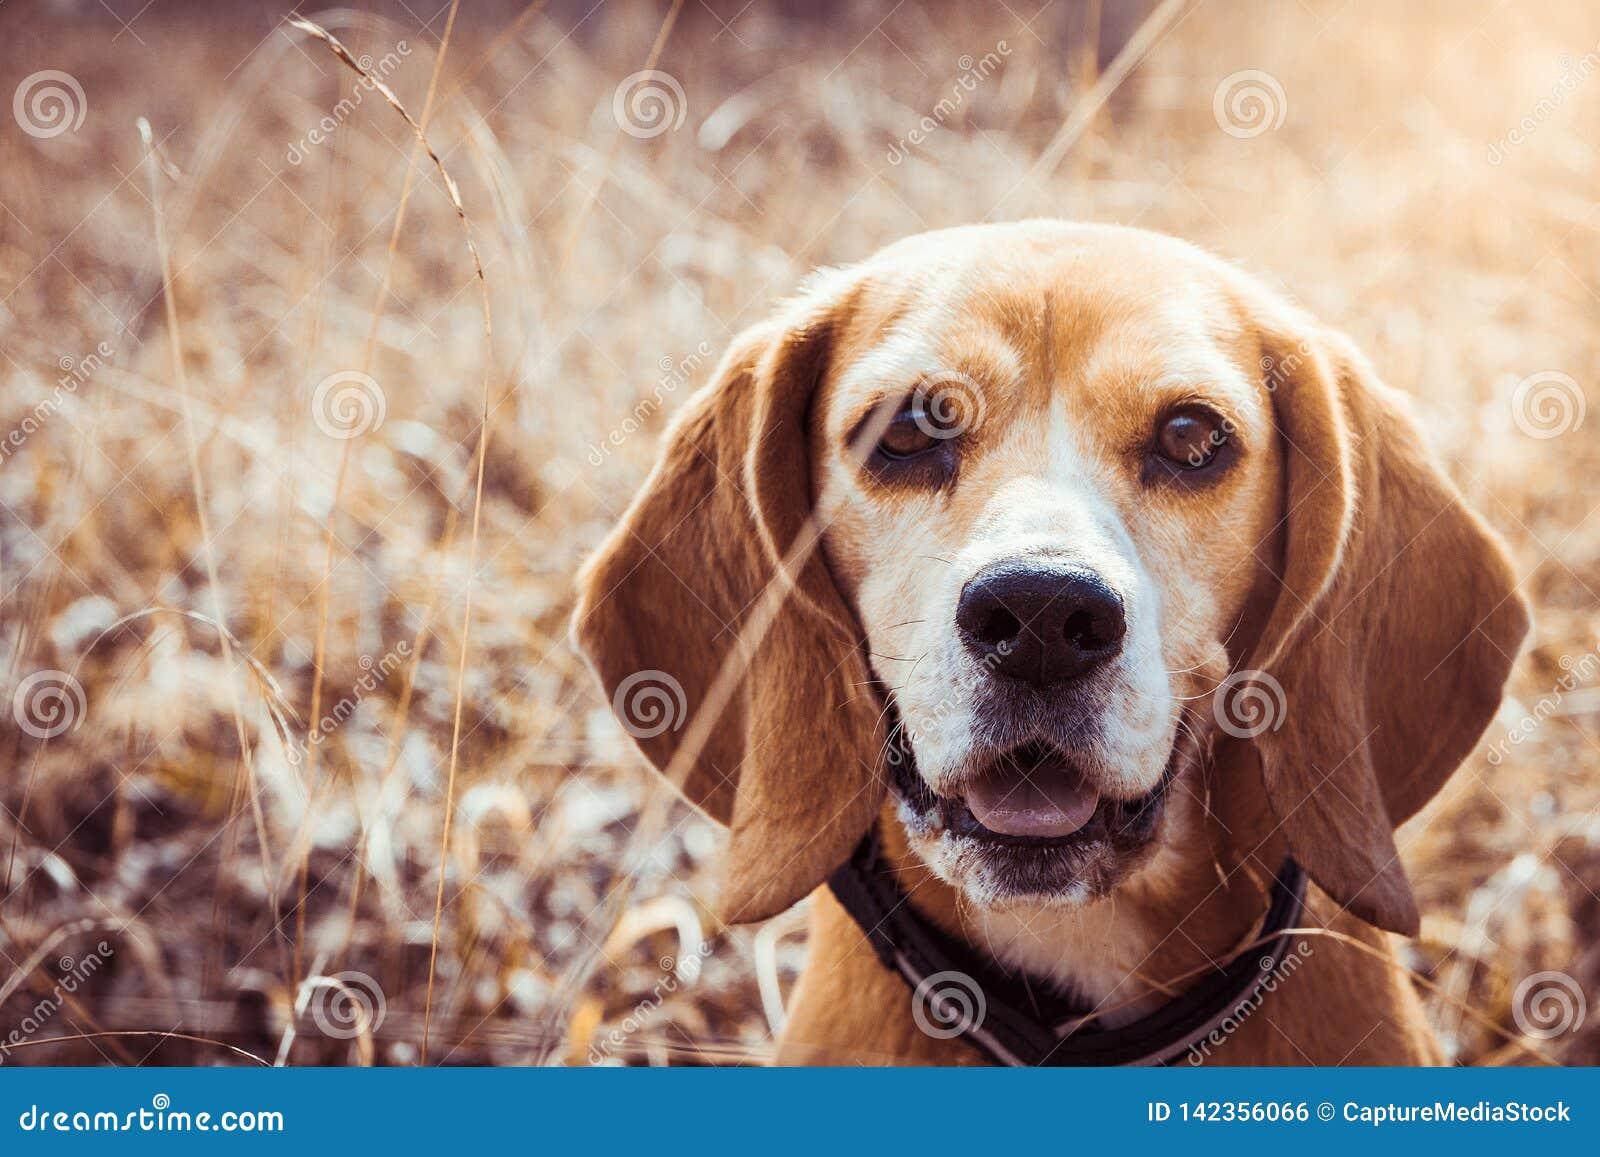 Retrato do cão puro do lebreiro da raça Fim do lebreiro acima do sorriso da cara Cão feliz